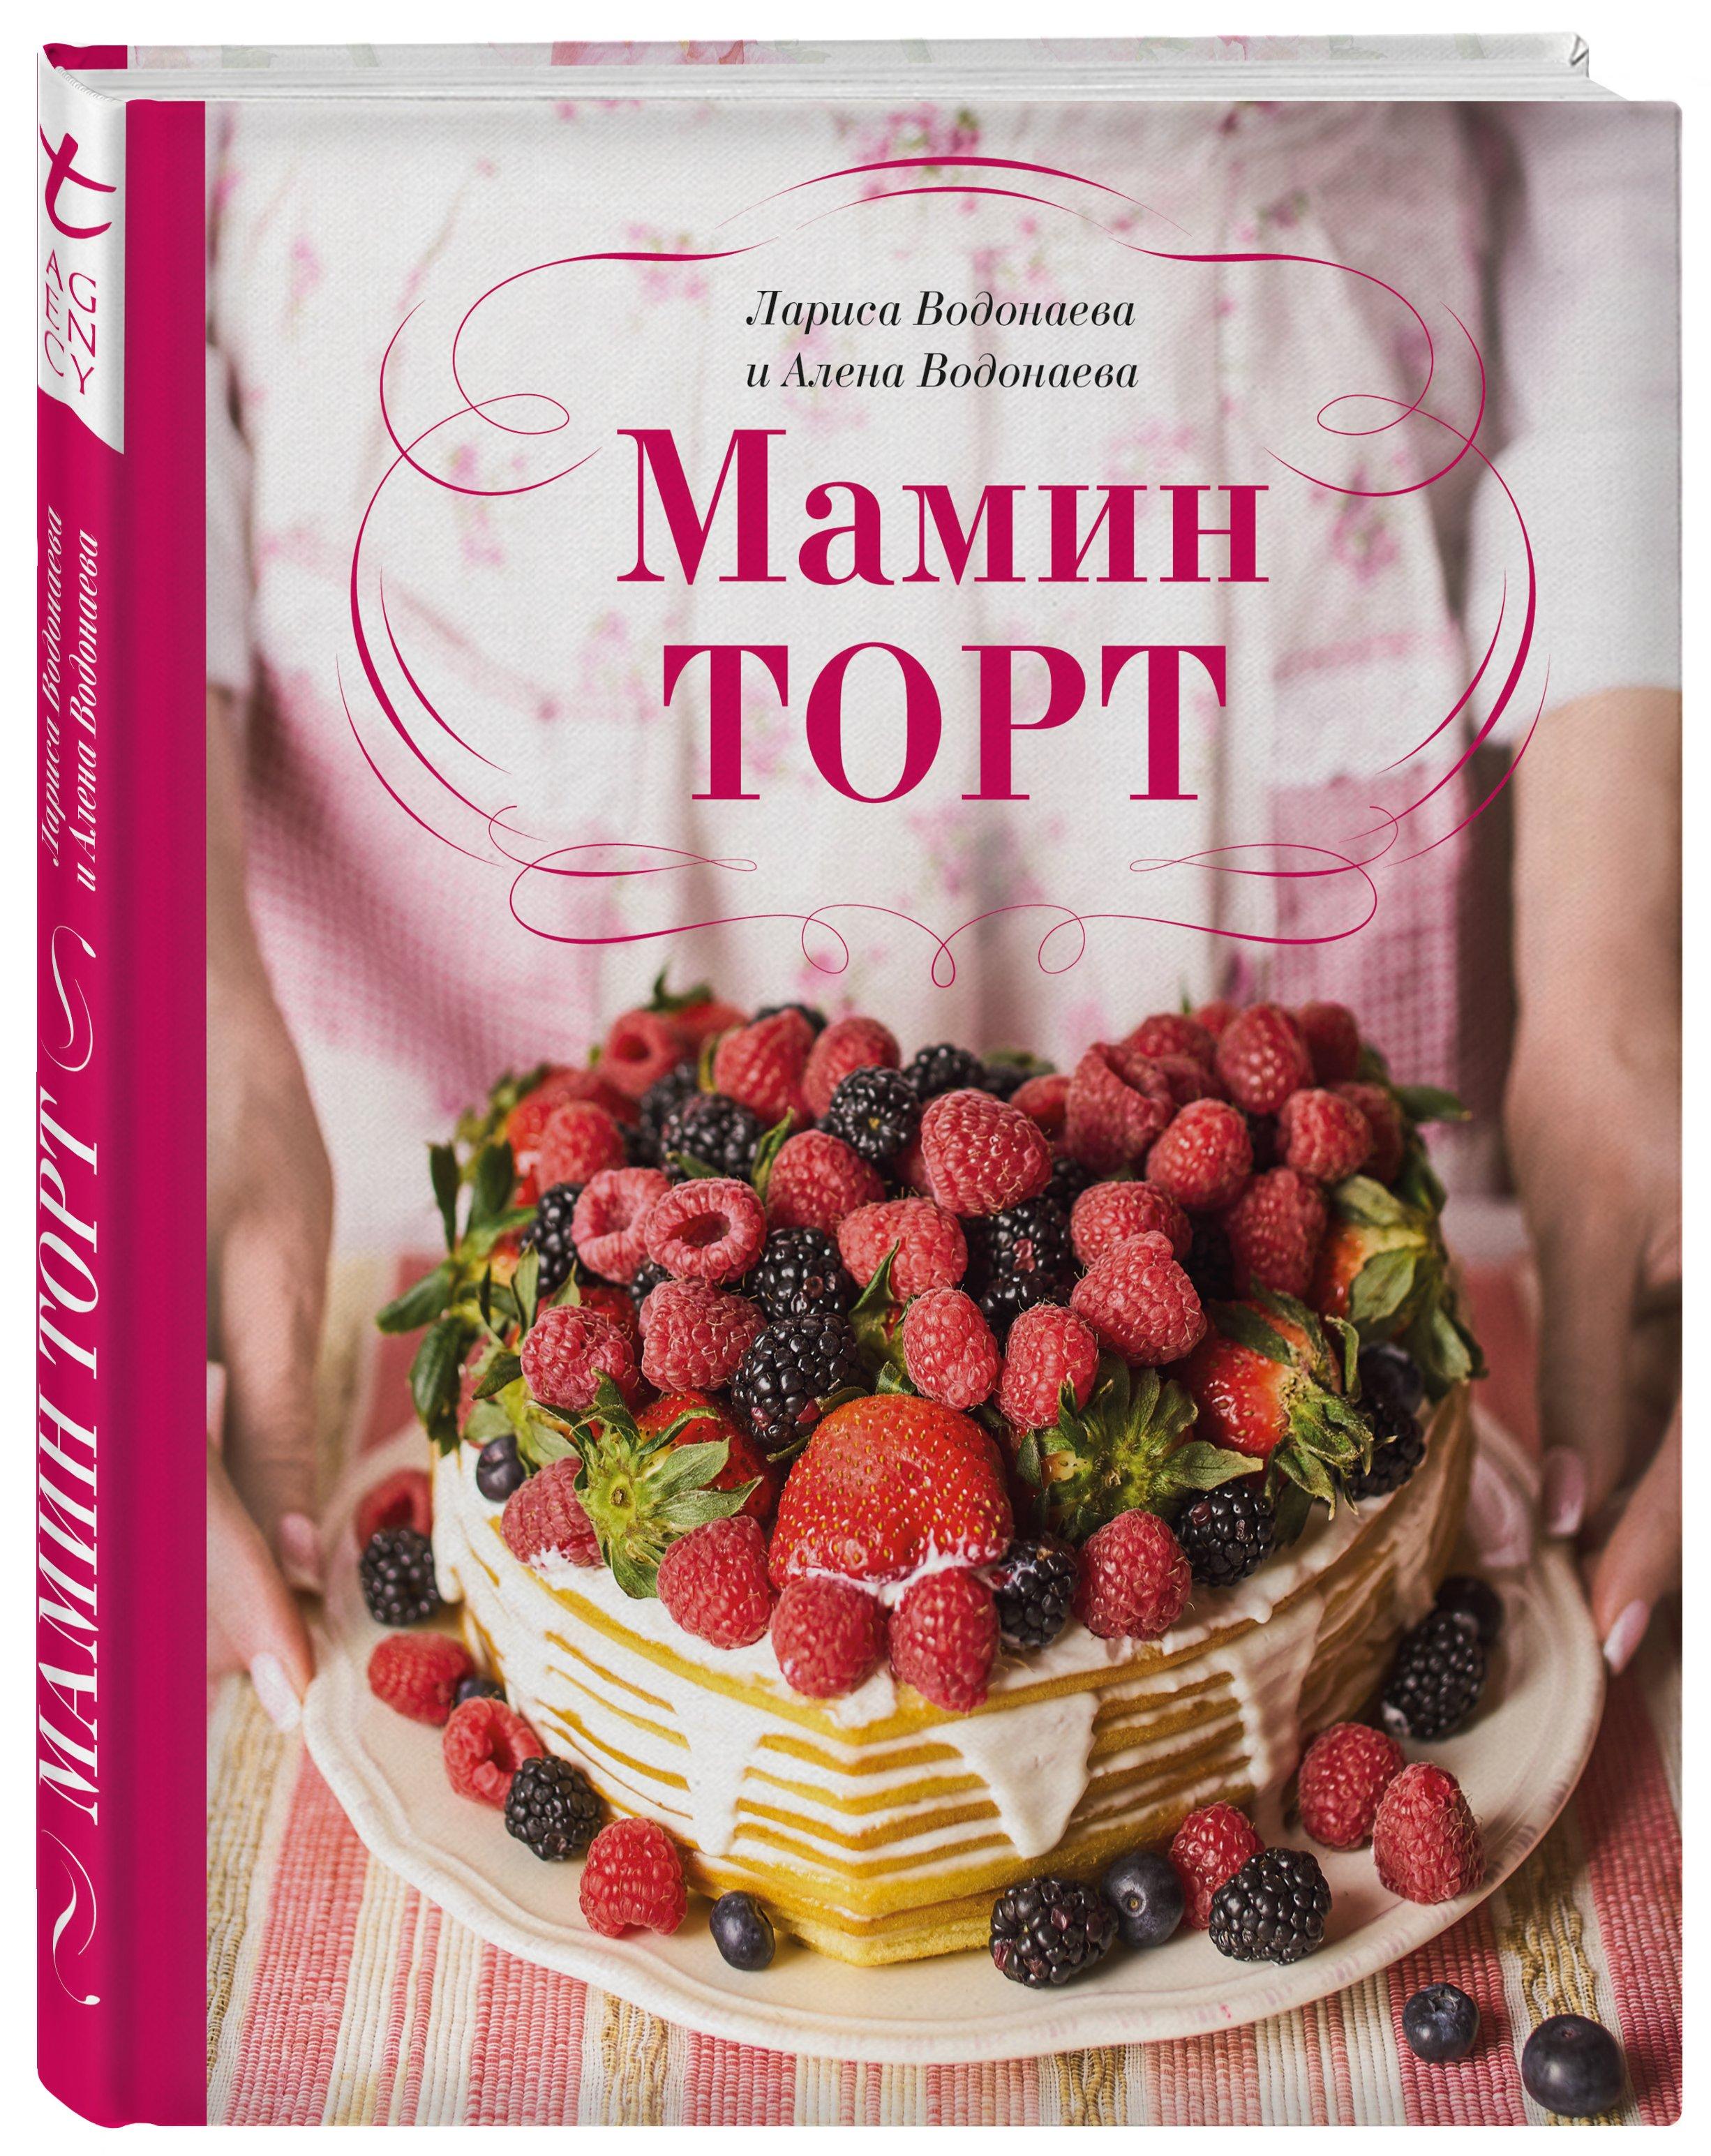 Водонаева Алена Мамин торт алена водонаева блокнот beauty